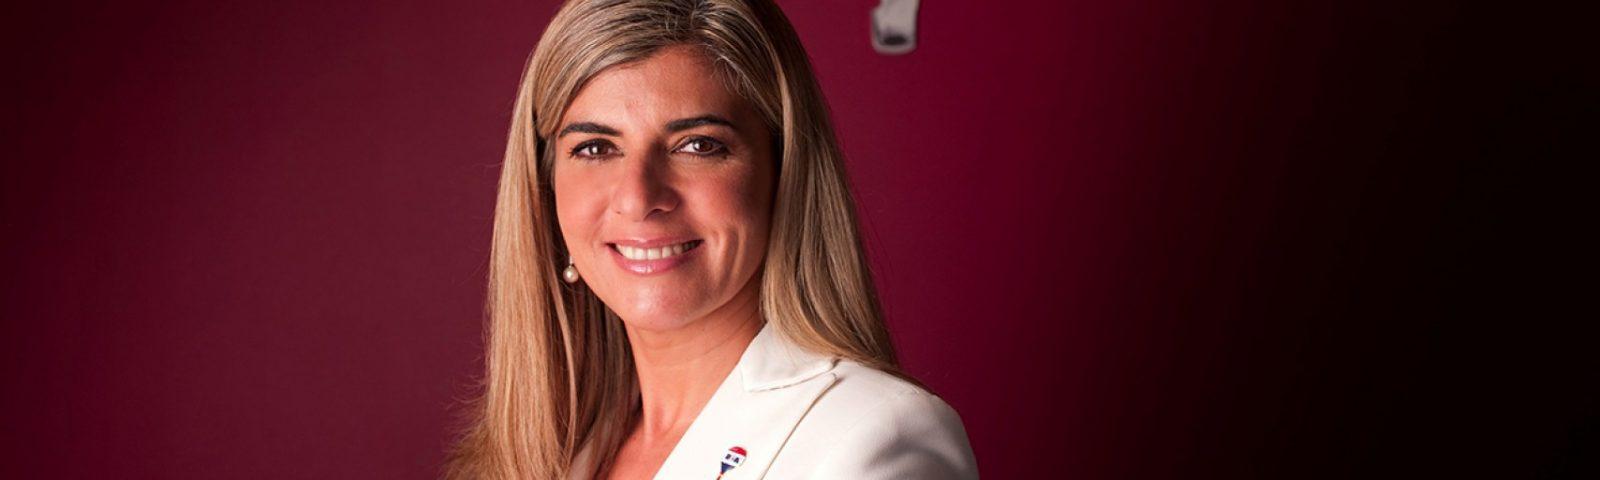 CEO da Remax Portugal realiza sessão de motivação para mulheres